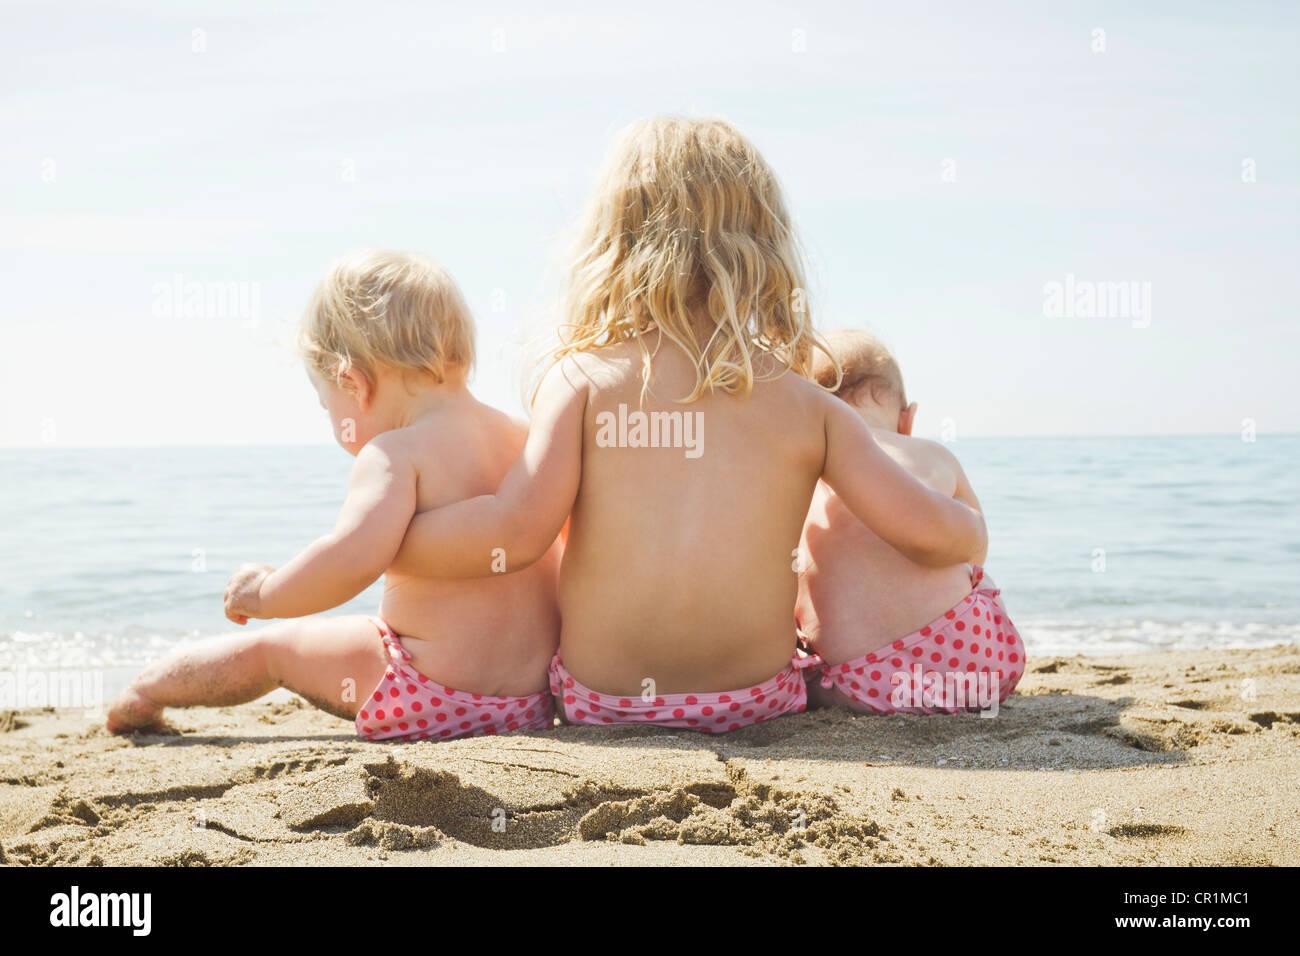 Children in matching bikini bottoms - Stock Image